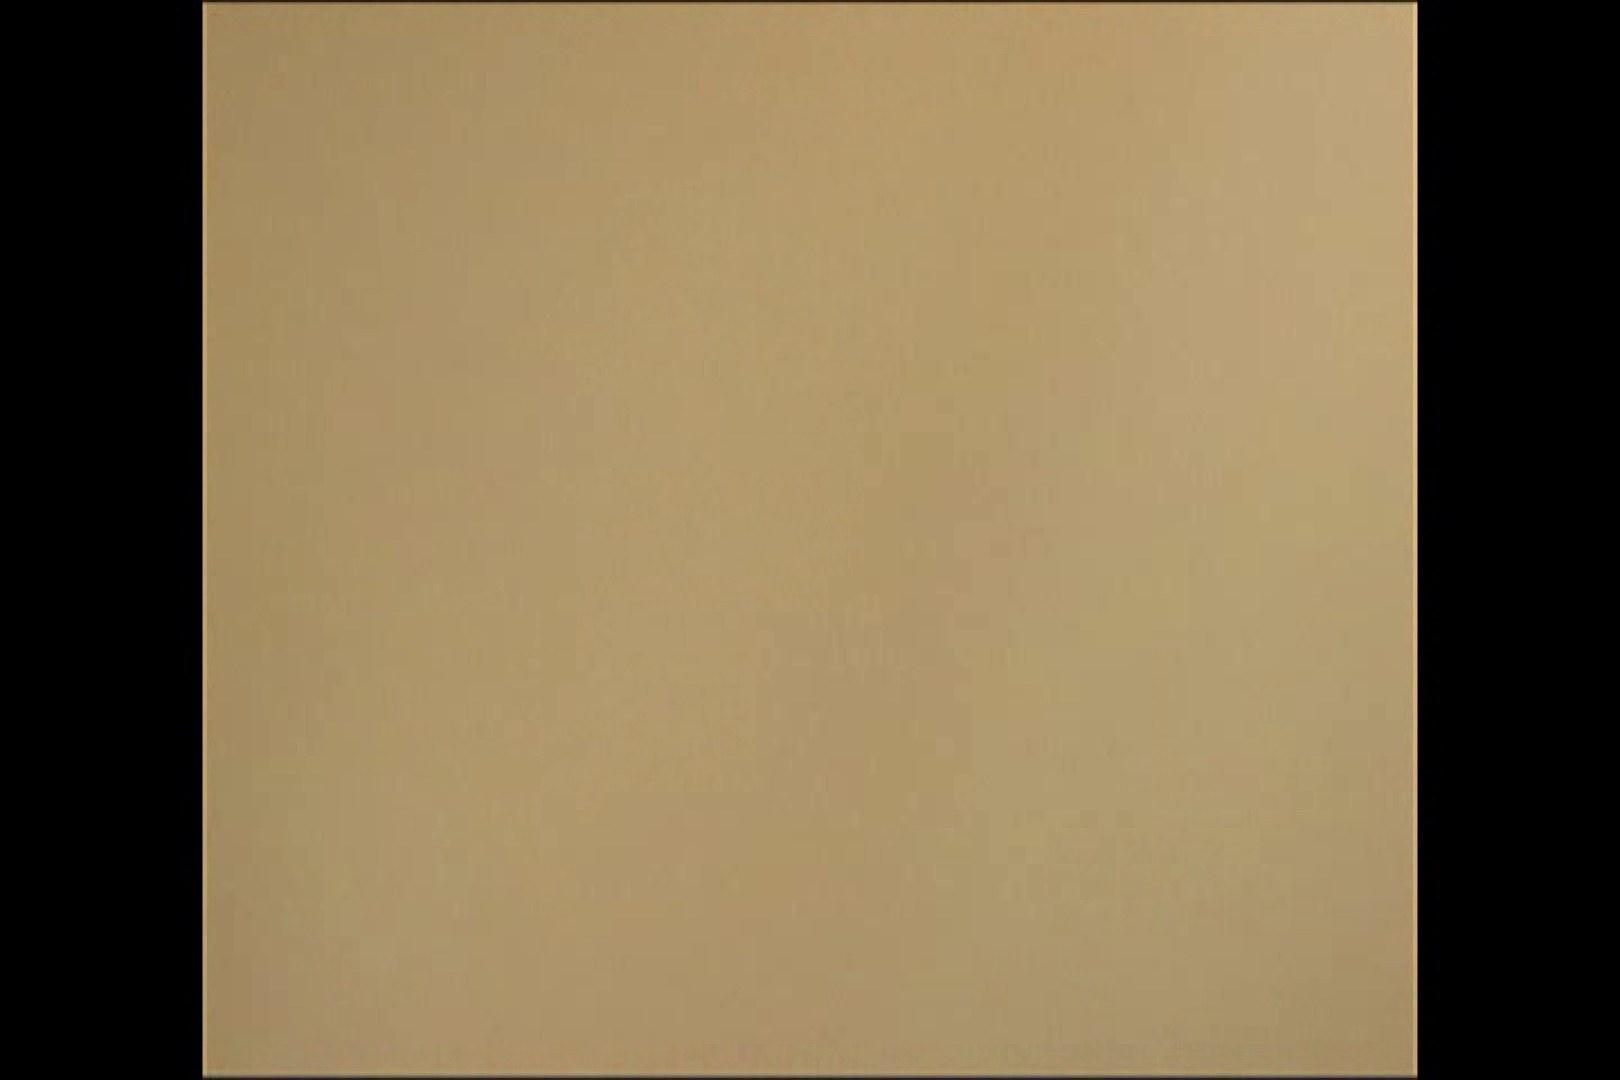 マンコ丸見え女子洗面所Vol.13 おまんこ無修正 ヌード画像 56画像 39